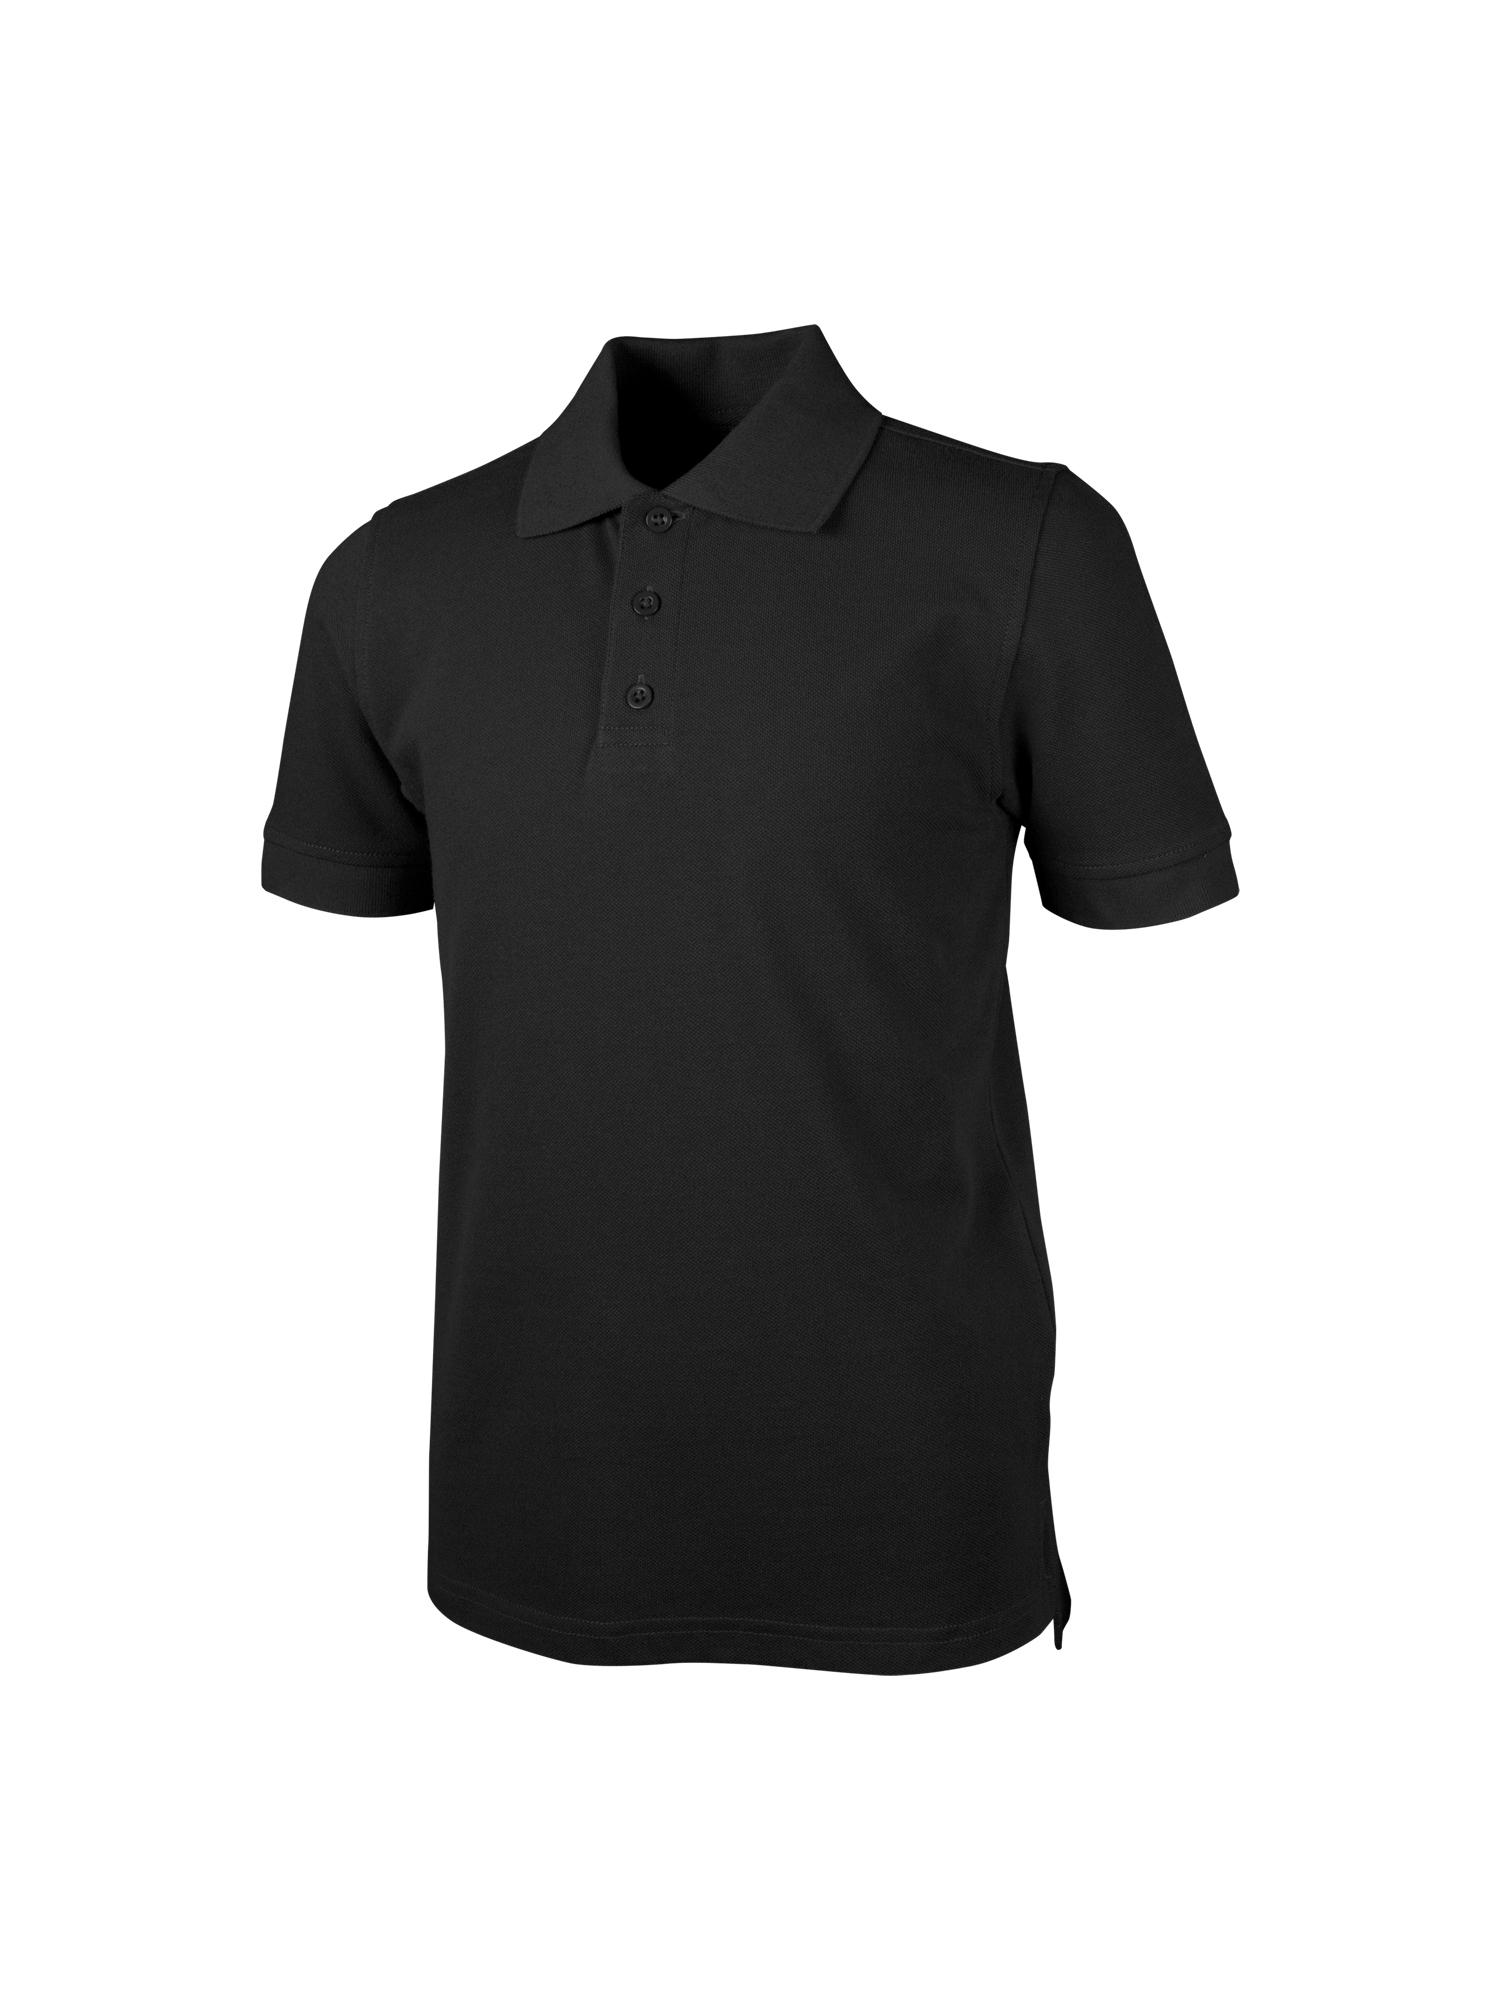 REAL SCHOOL Boys Short Sleeve Pique Polo Shirt